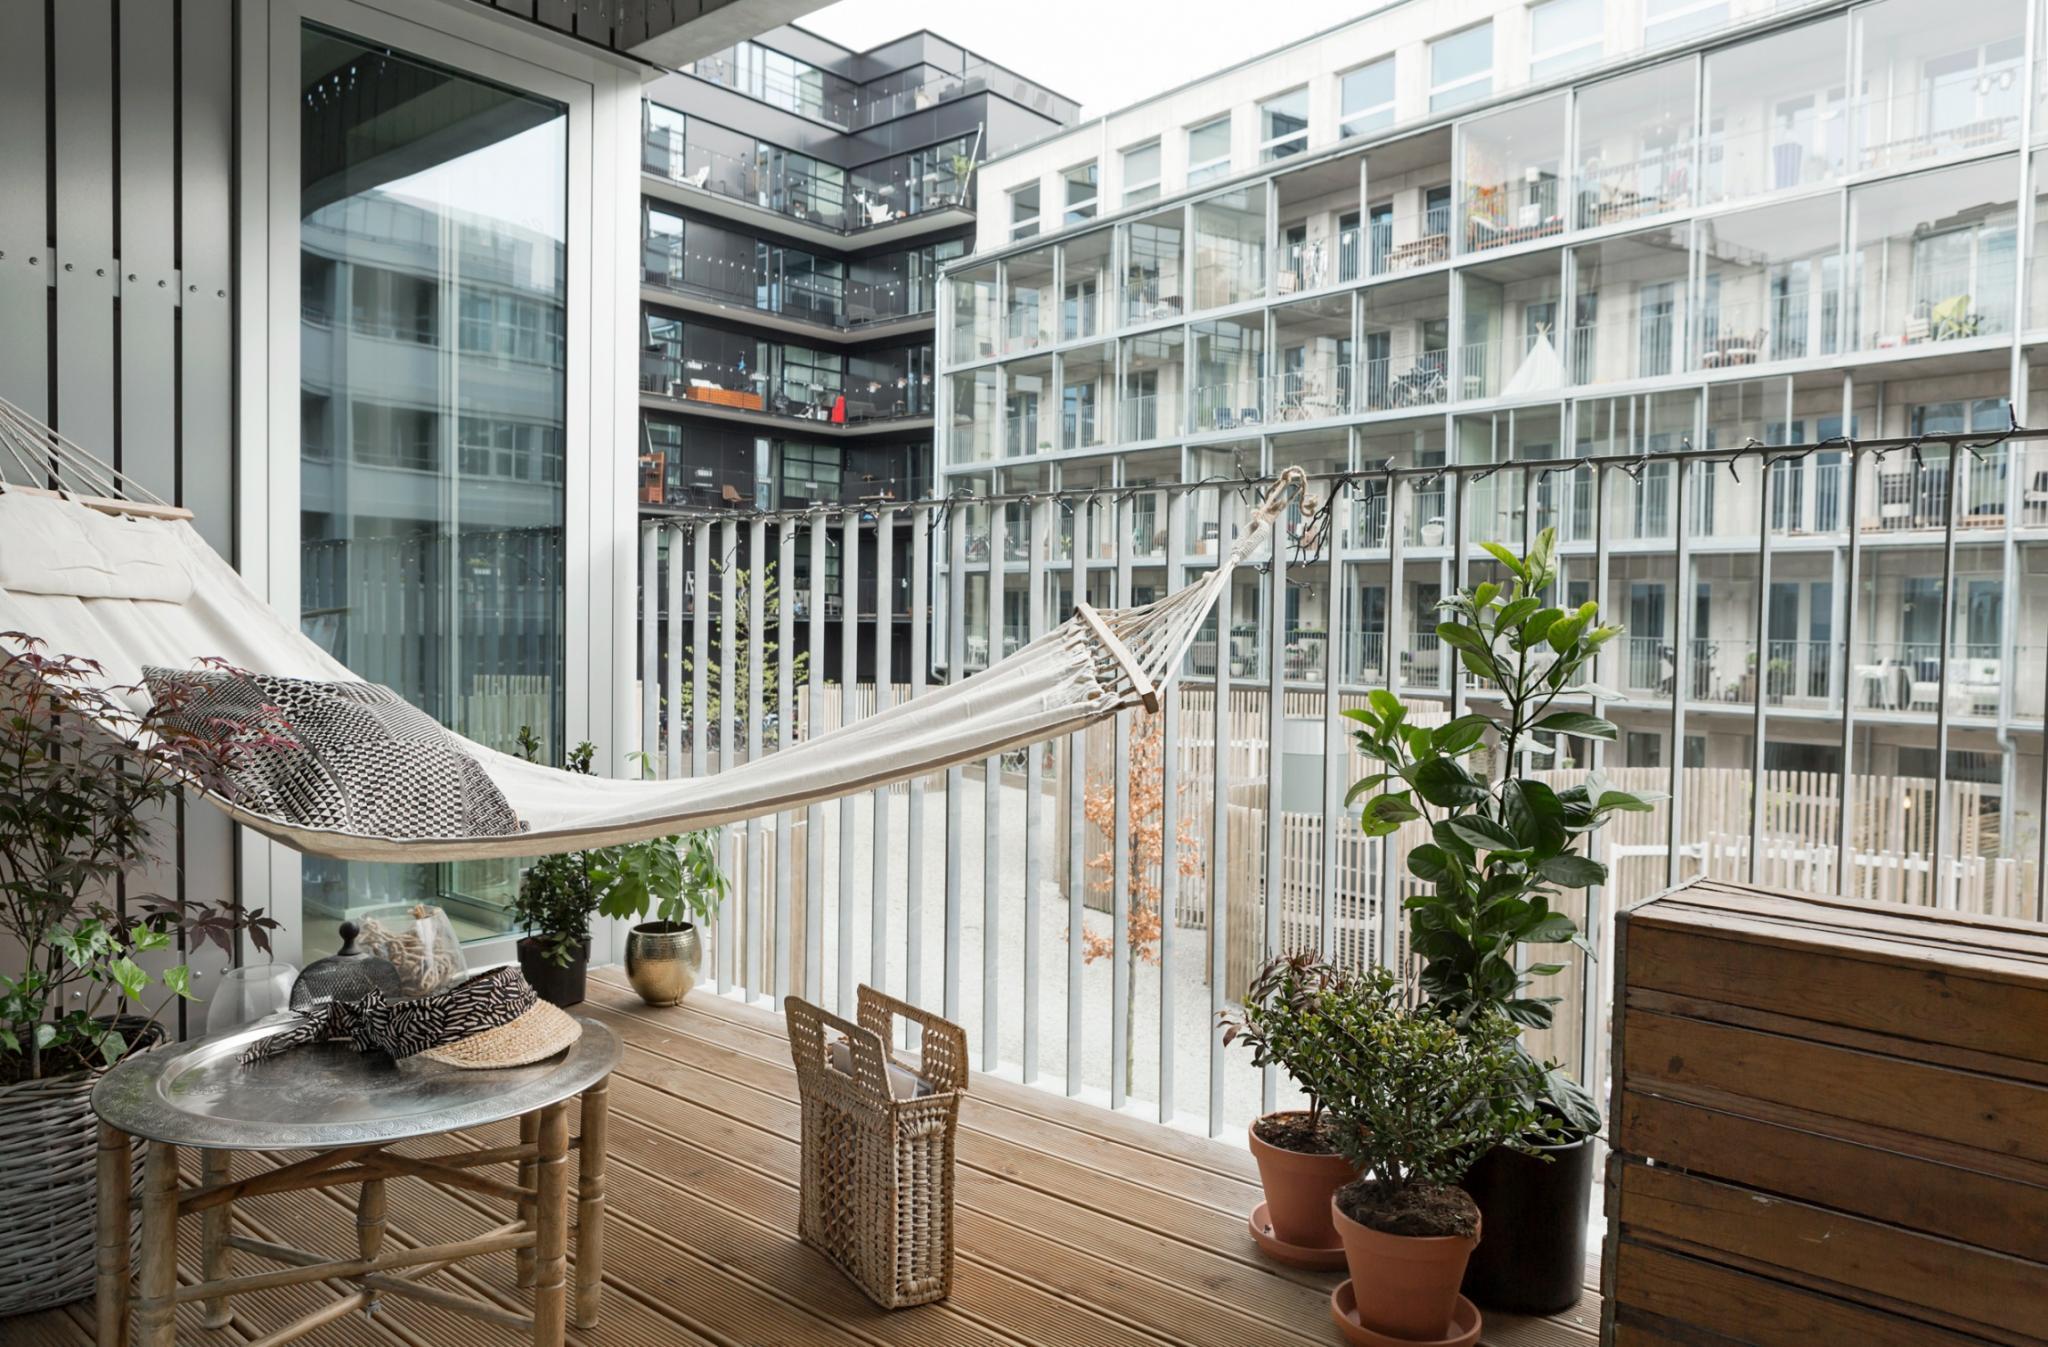 Arredo Balconi E Terrazze balconi e terrazzi, vivere all'aperto per la bella stagione